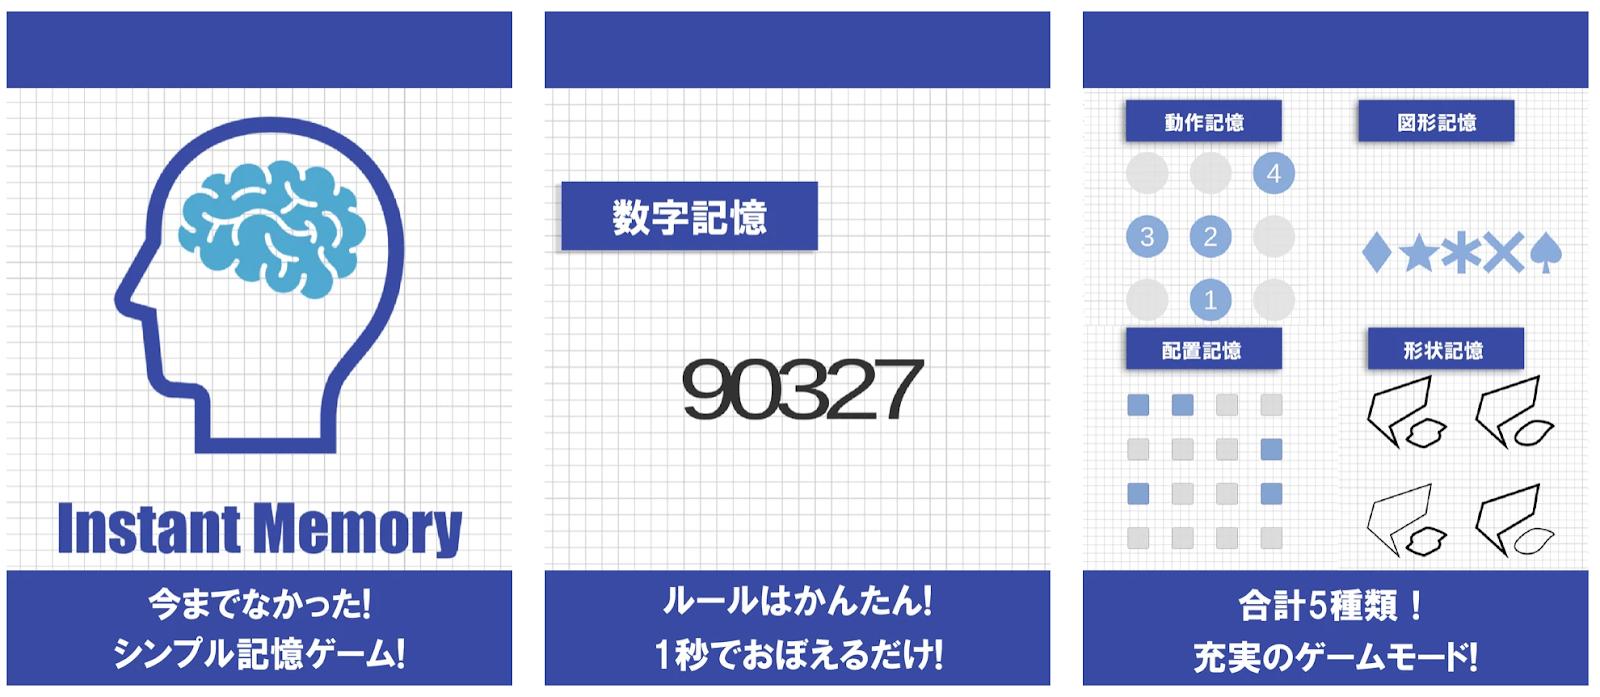 記憶ゲームアプリ Instant Memory